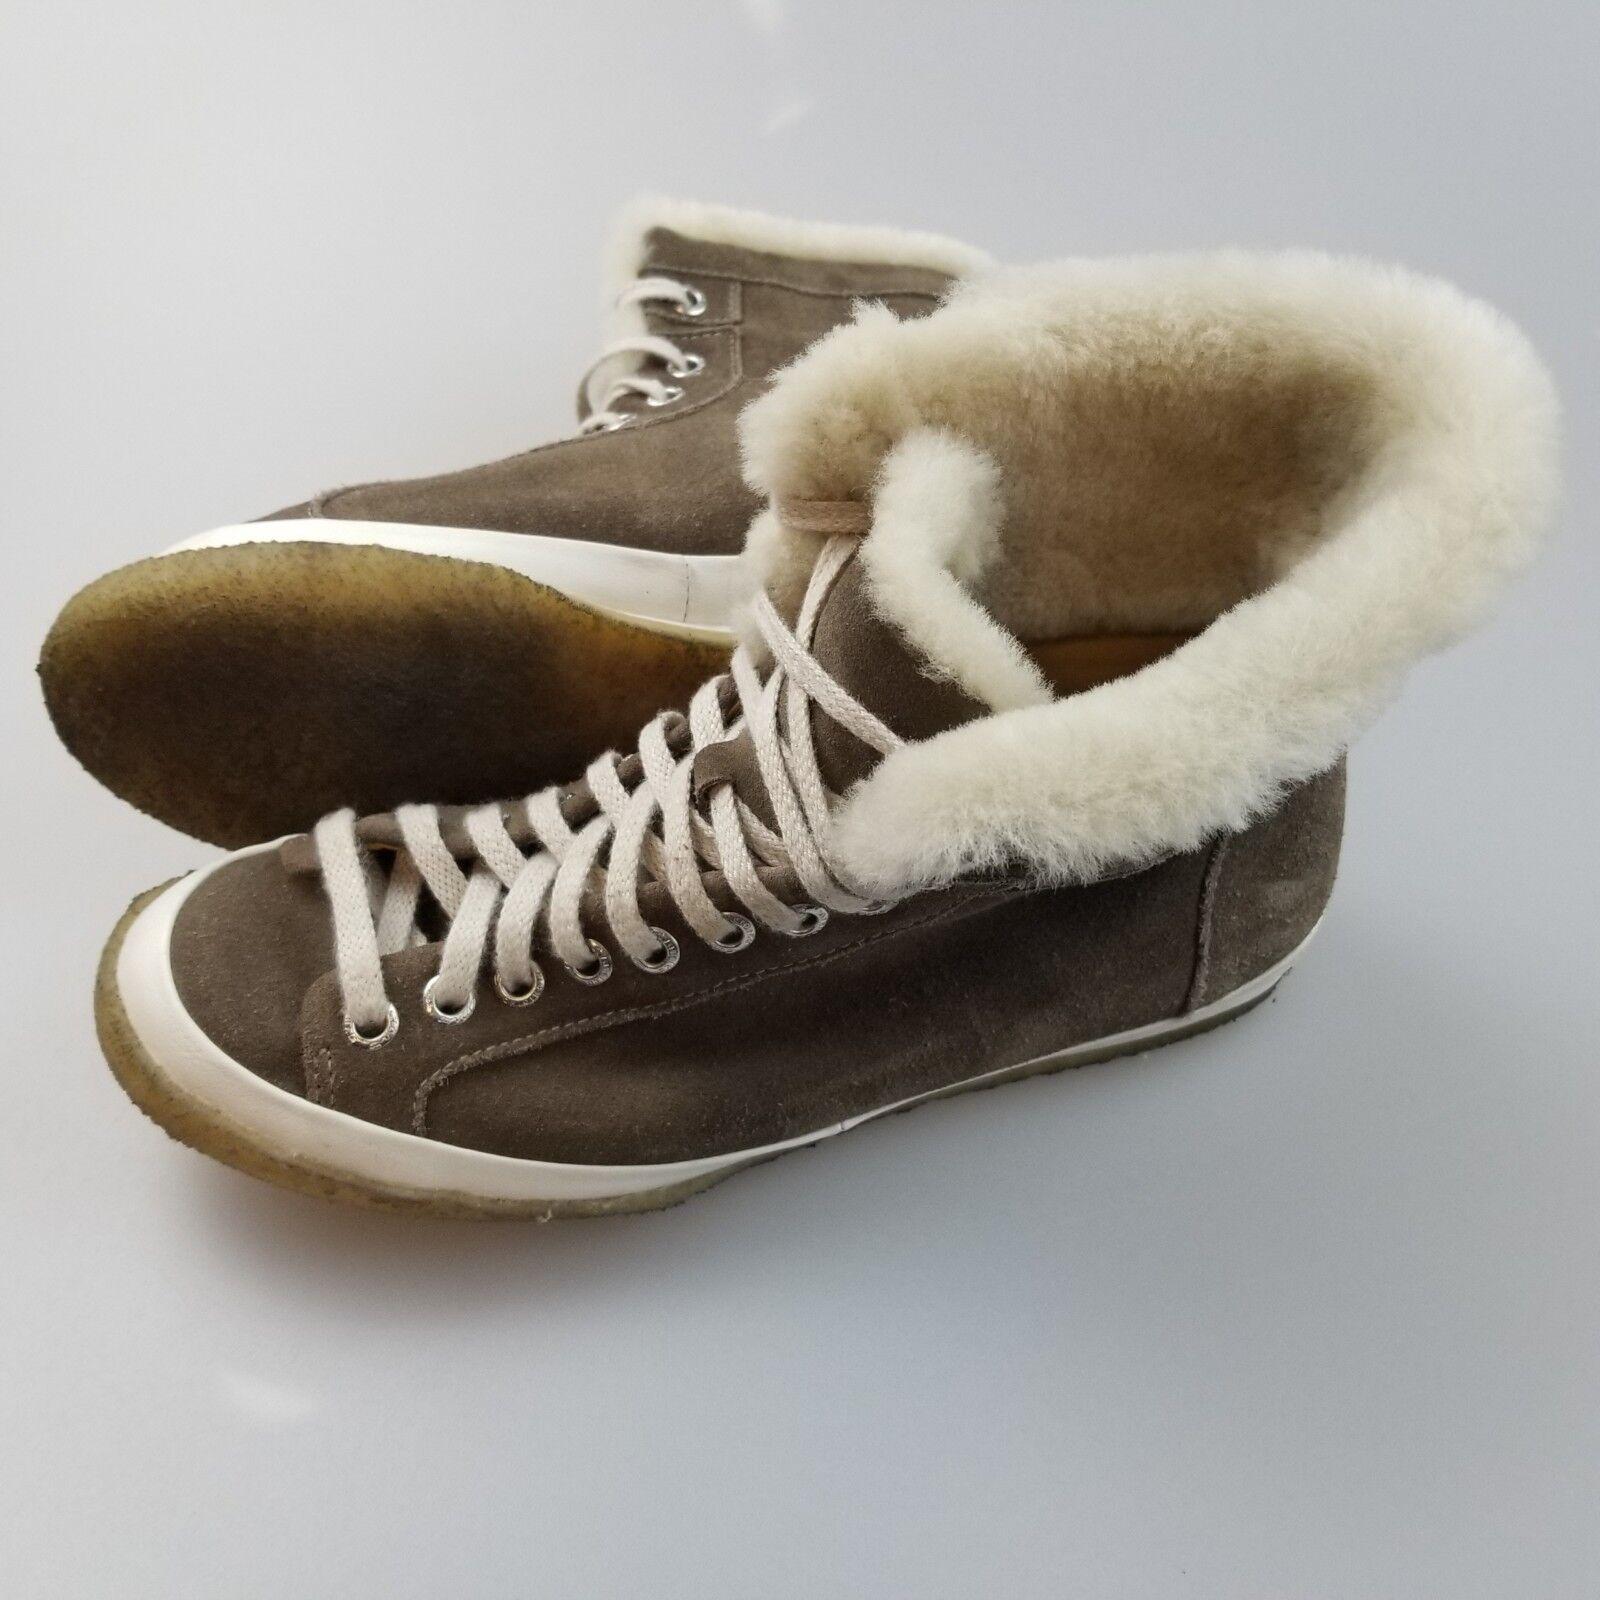 CLARKS Originals Suede Lamb Shearling Crepe Sole Lace Lace Lace Up Boots Women's US 7 9d6d9a